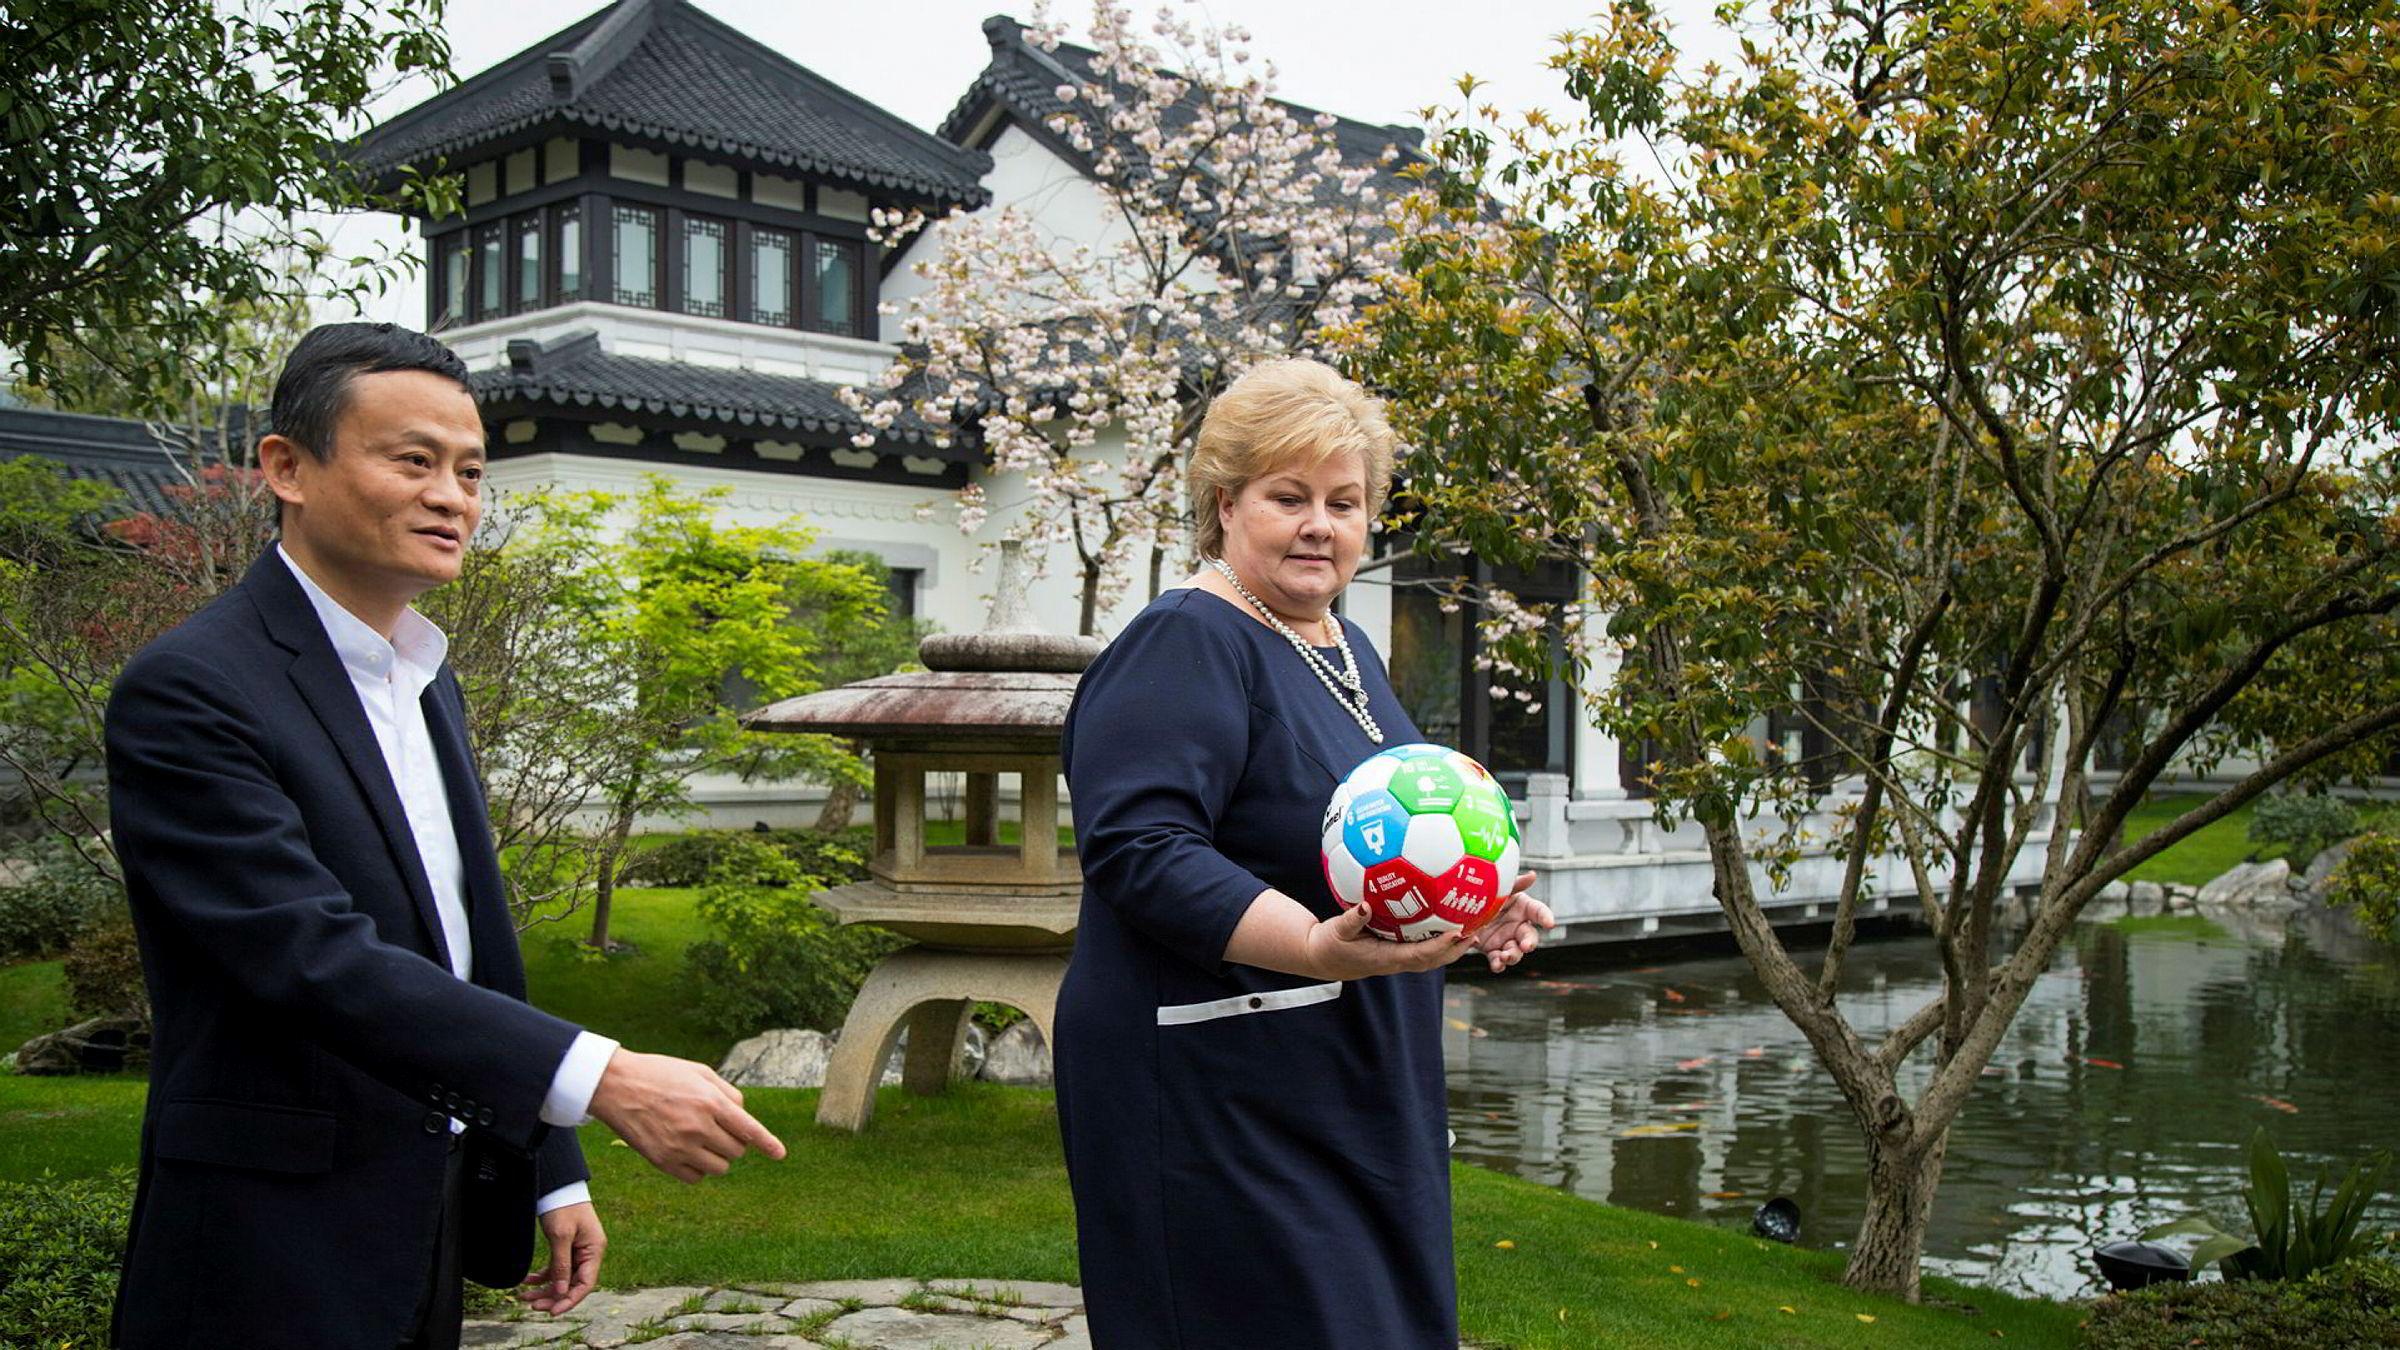 DN får opplyst at Alibaba Foundation og Jack Ma Foundation nå sender donasjoner av medisinske forsyninger til Norge for å hjelpe Norge til med å takle koronakrisen. Begge stiftelsene er tilknyttet den kinesiske forretningsmannen Jack Ma, som er god for over 40 milliarder dollar. Statsminister Erna Solberg møtte Jack Ma i Kina i 2017.